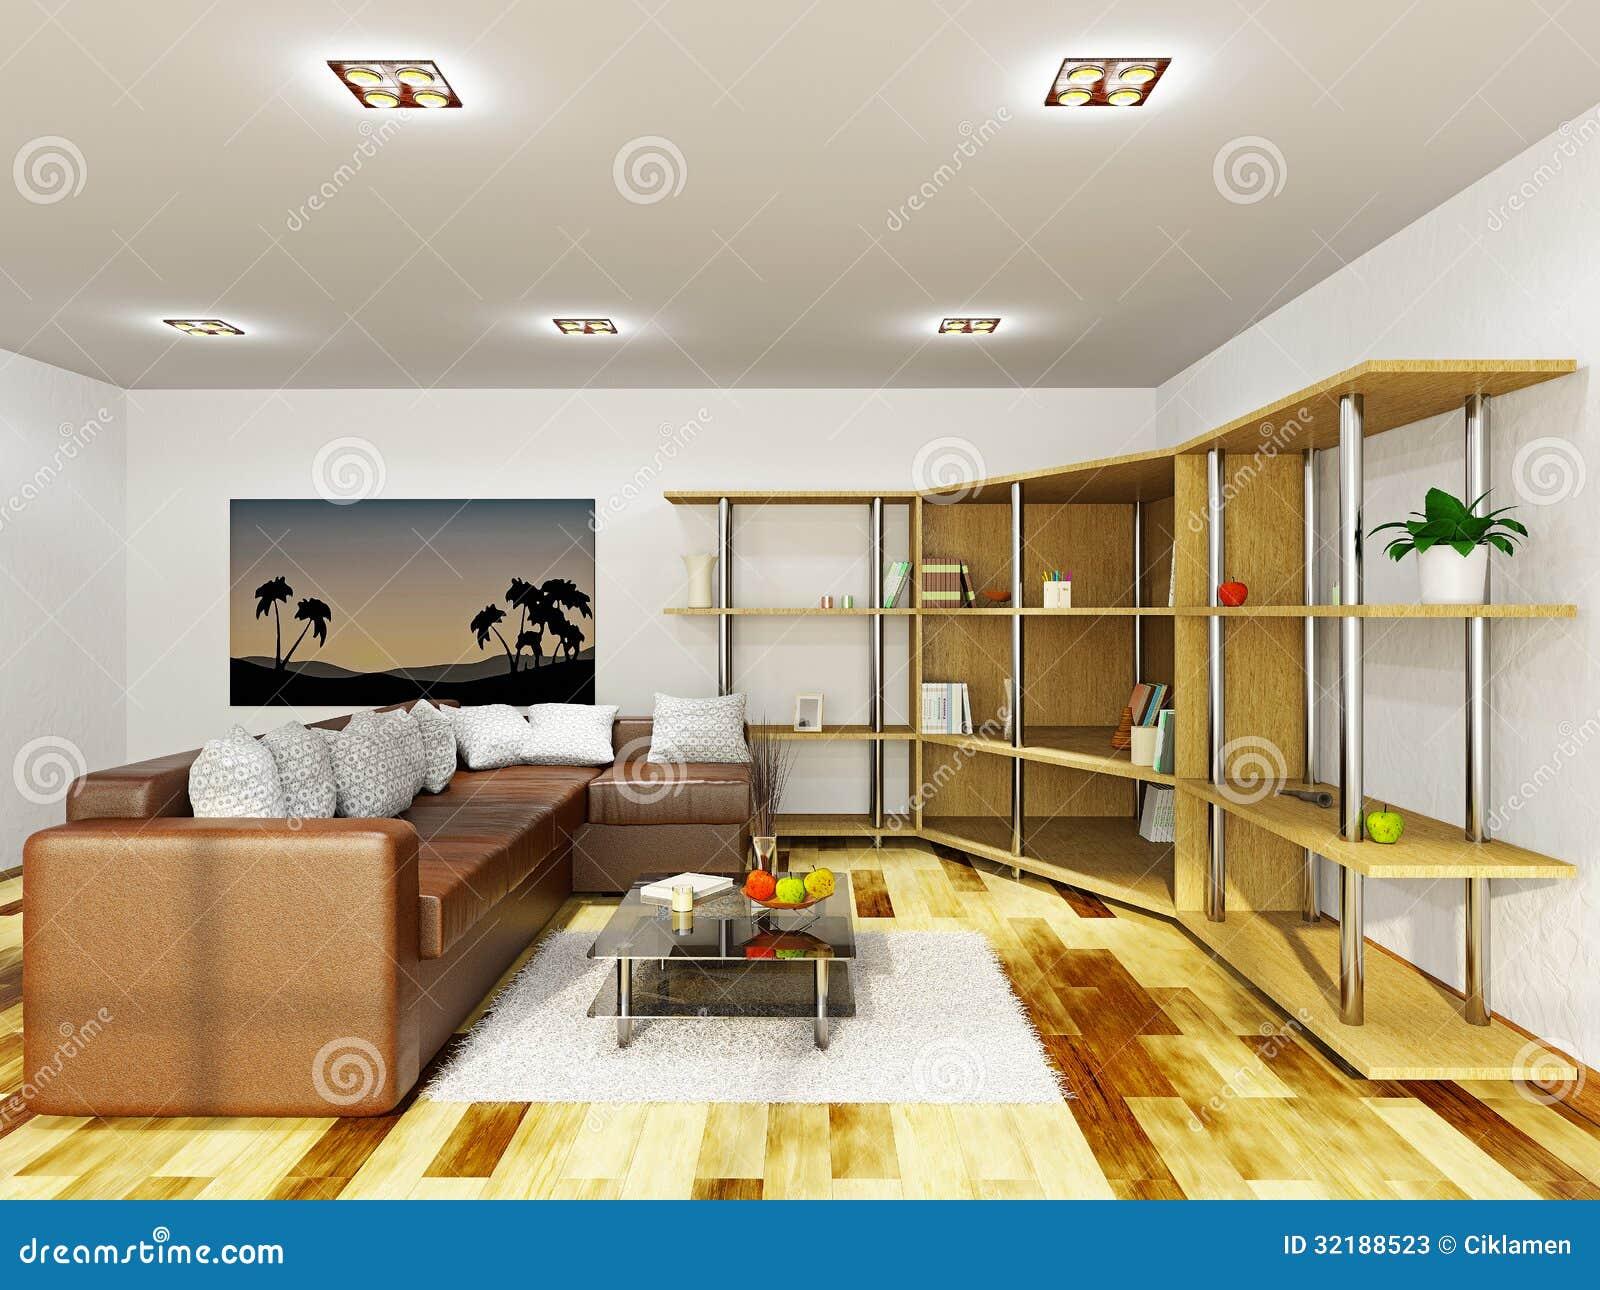 Sala de estar con muebles fotos de archivo imagen 32188523 - Muebles sala estar ...